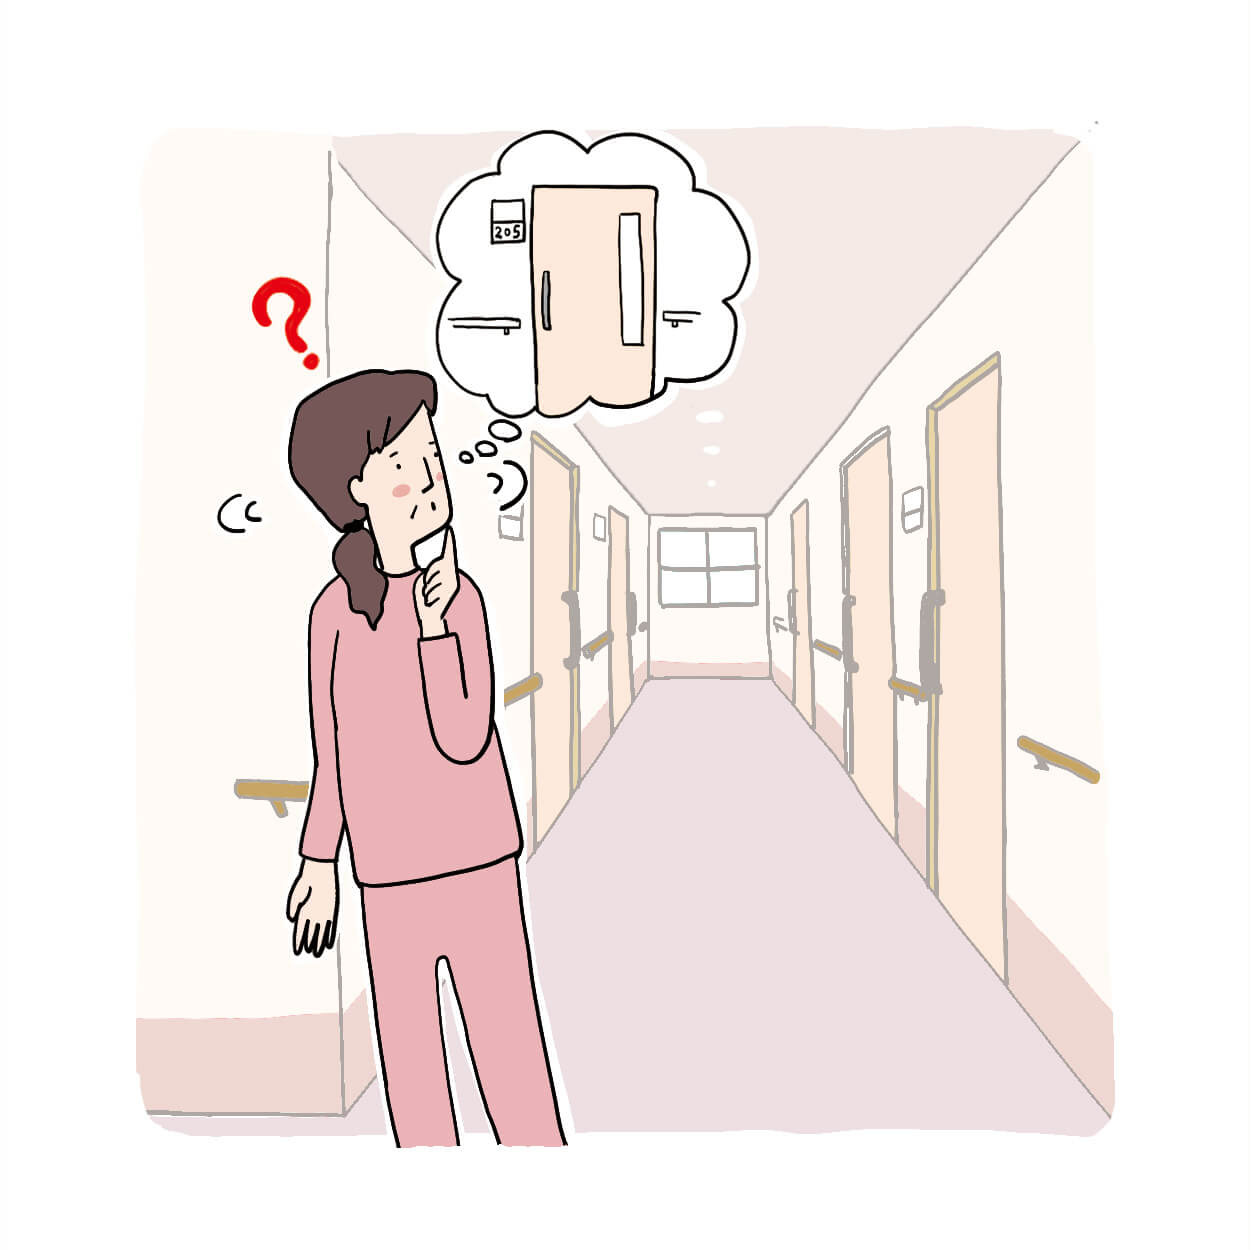 認知障害患者が廊下で迷うイラスト